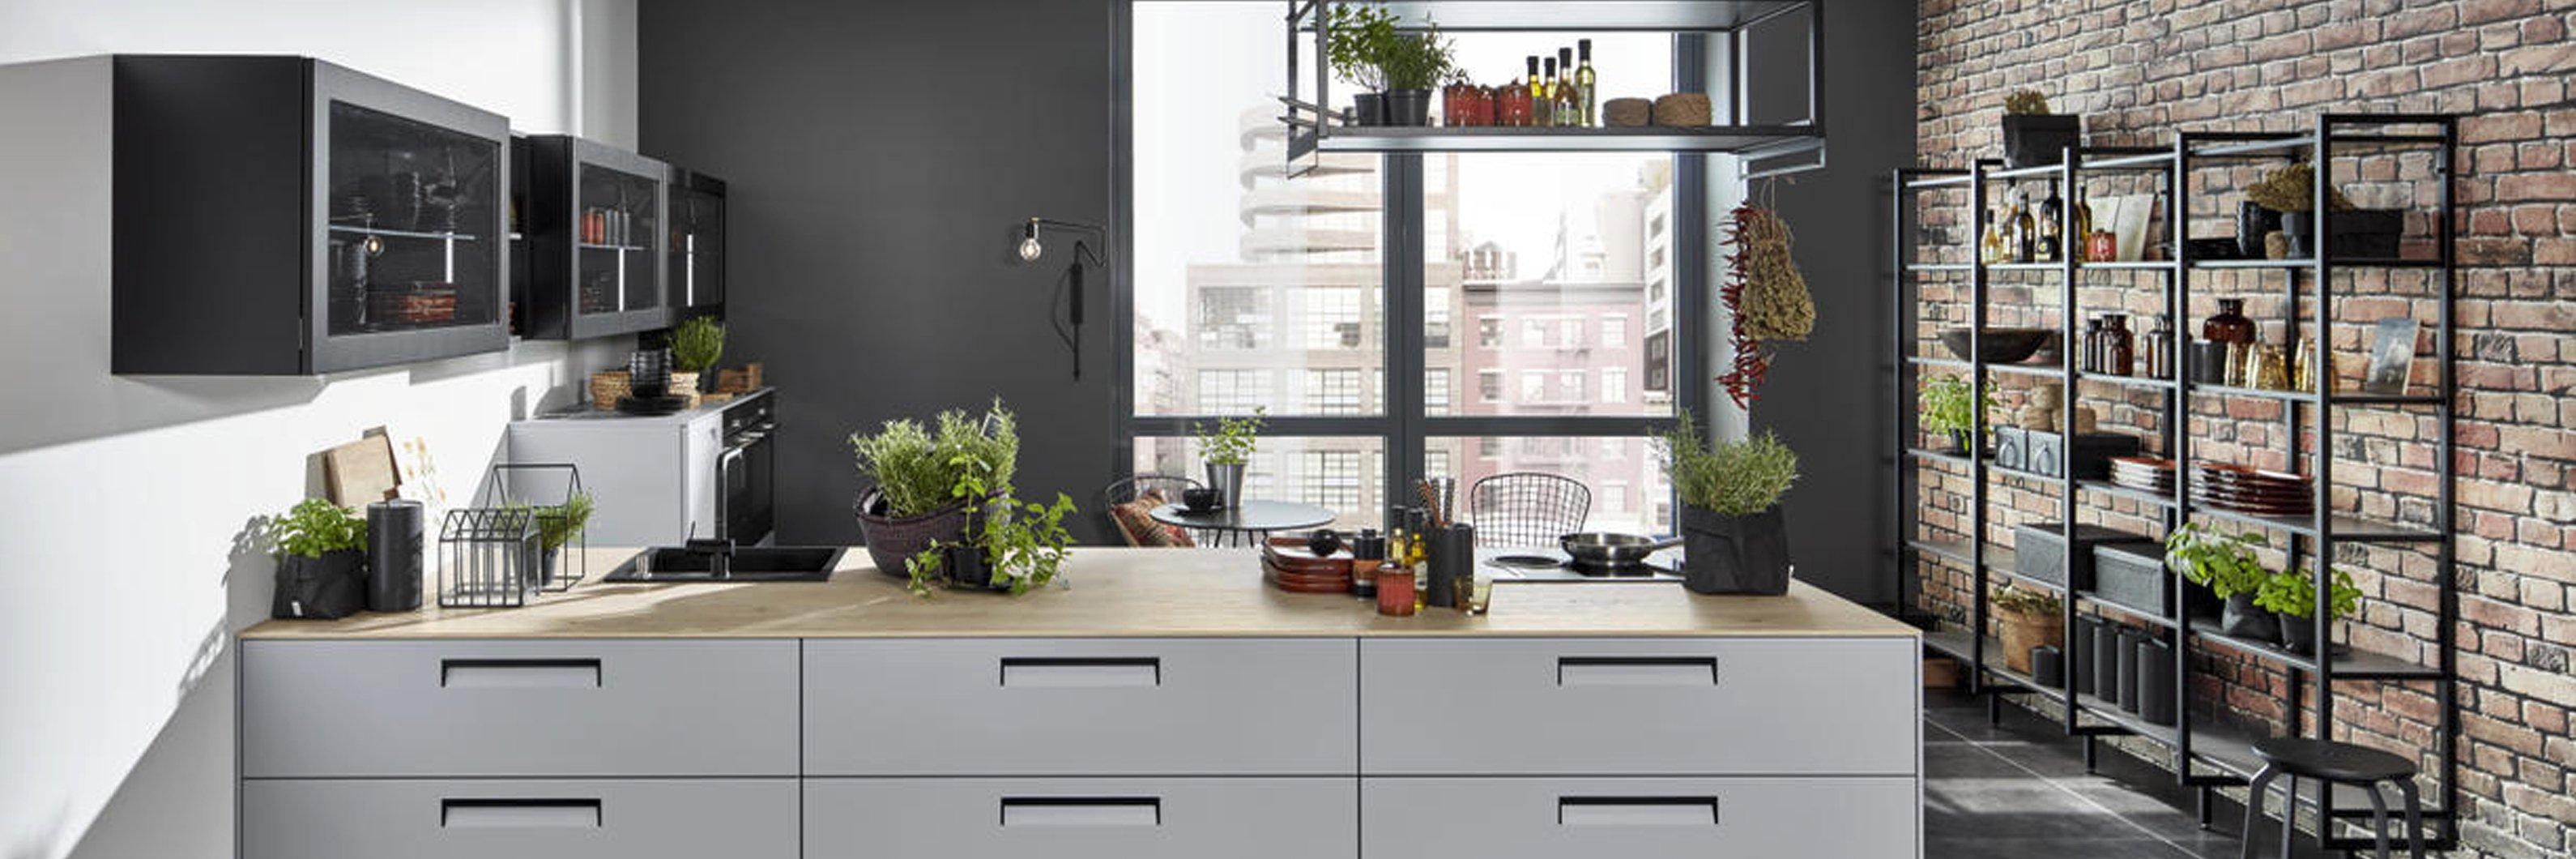 Nolte Küchen Online-Shop  Möbel Letz - Ihr Online Shop